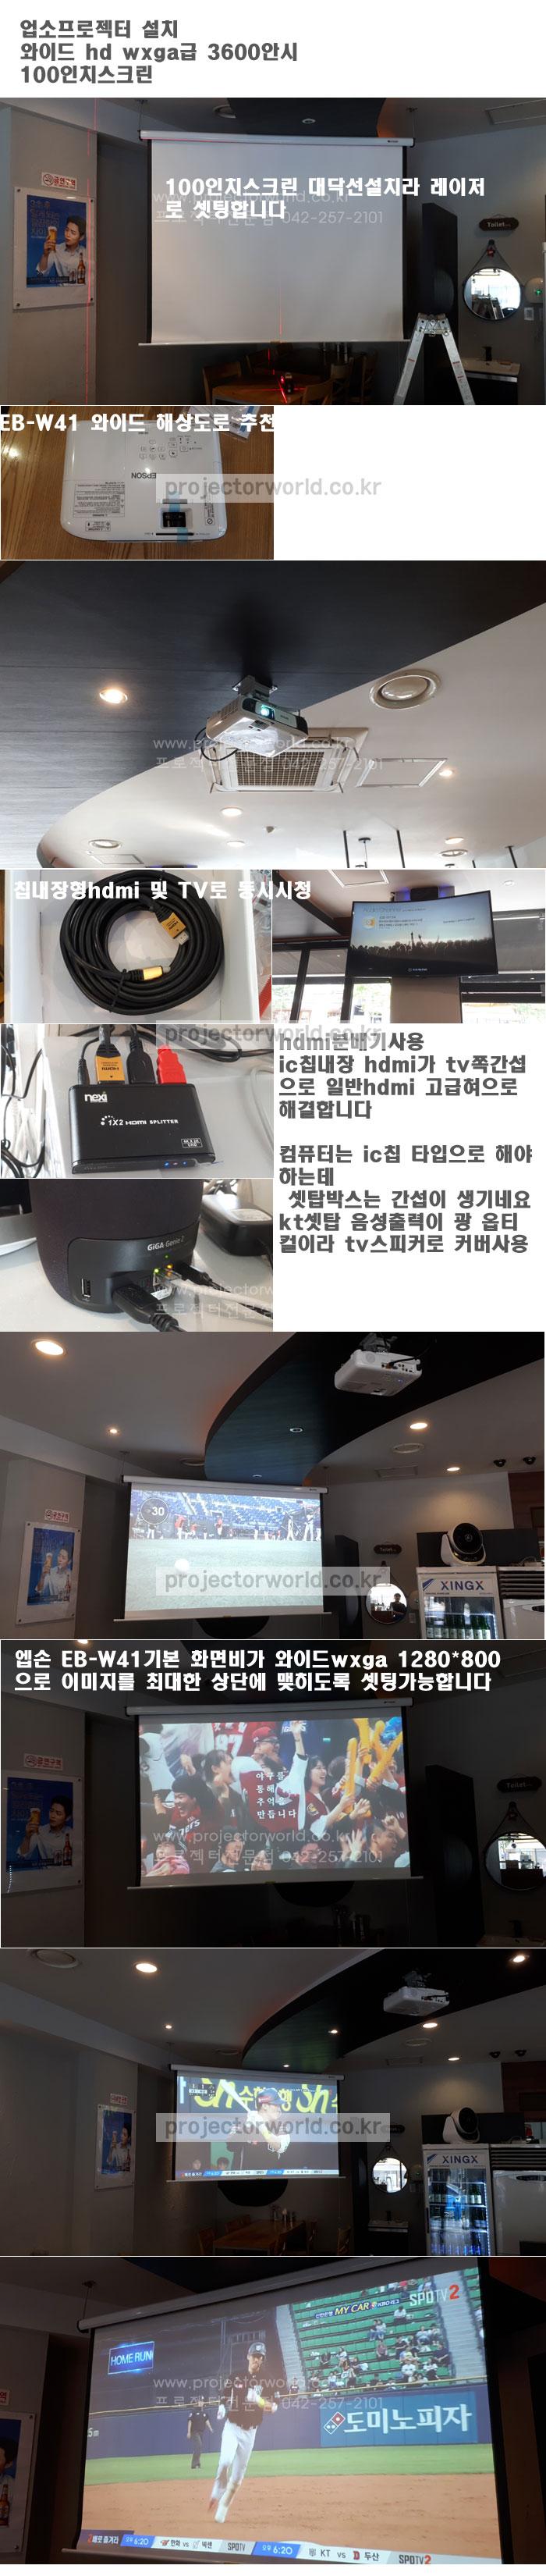 대전프로젝터,월드컵빔대전설치,와이드프로젝터,대전스크린,eb-w41